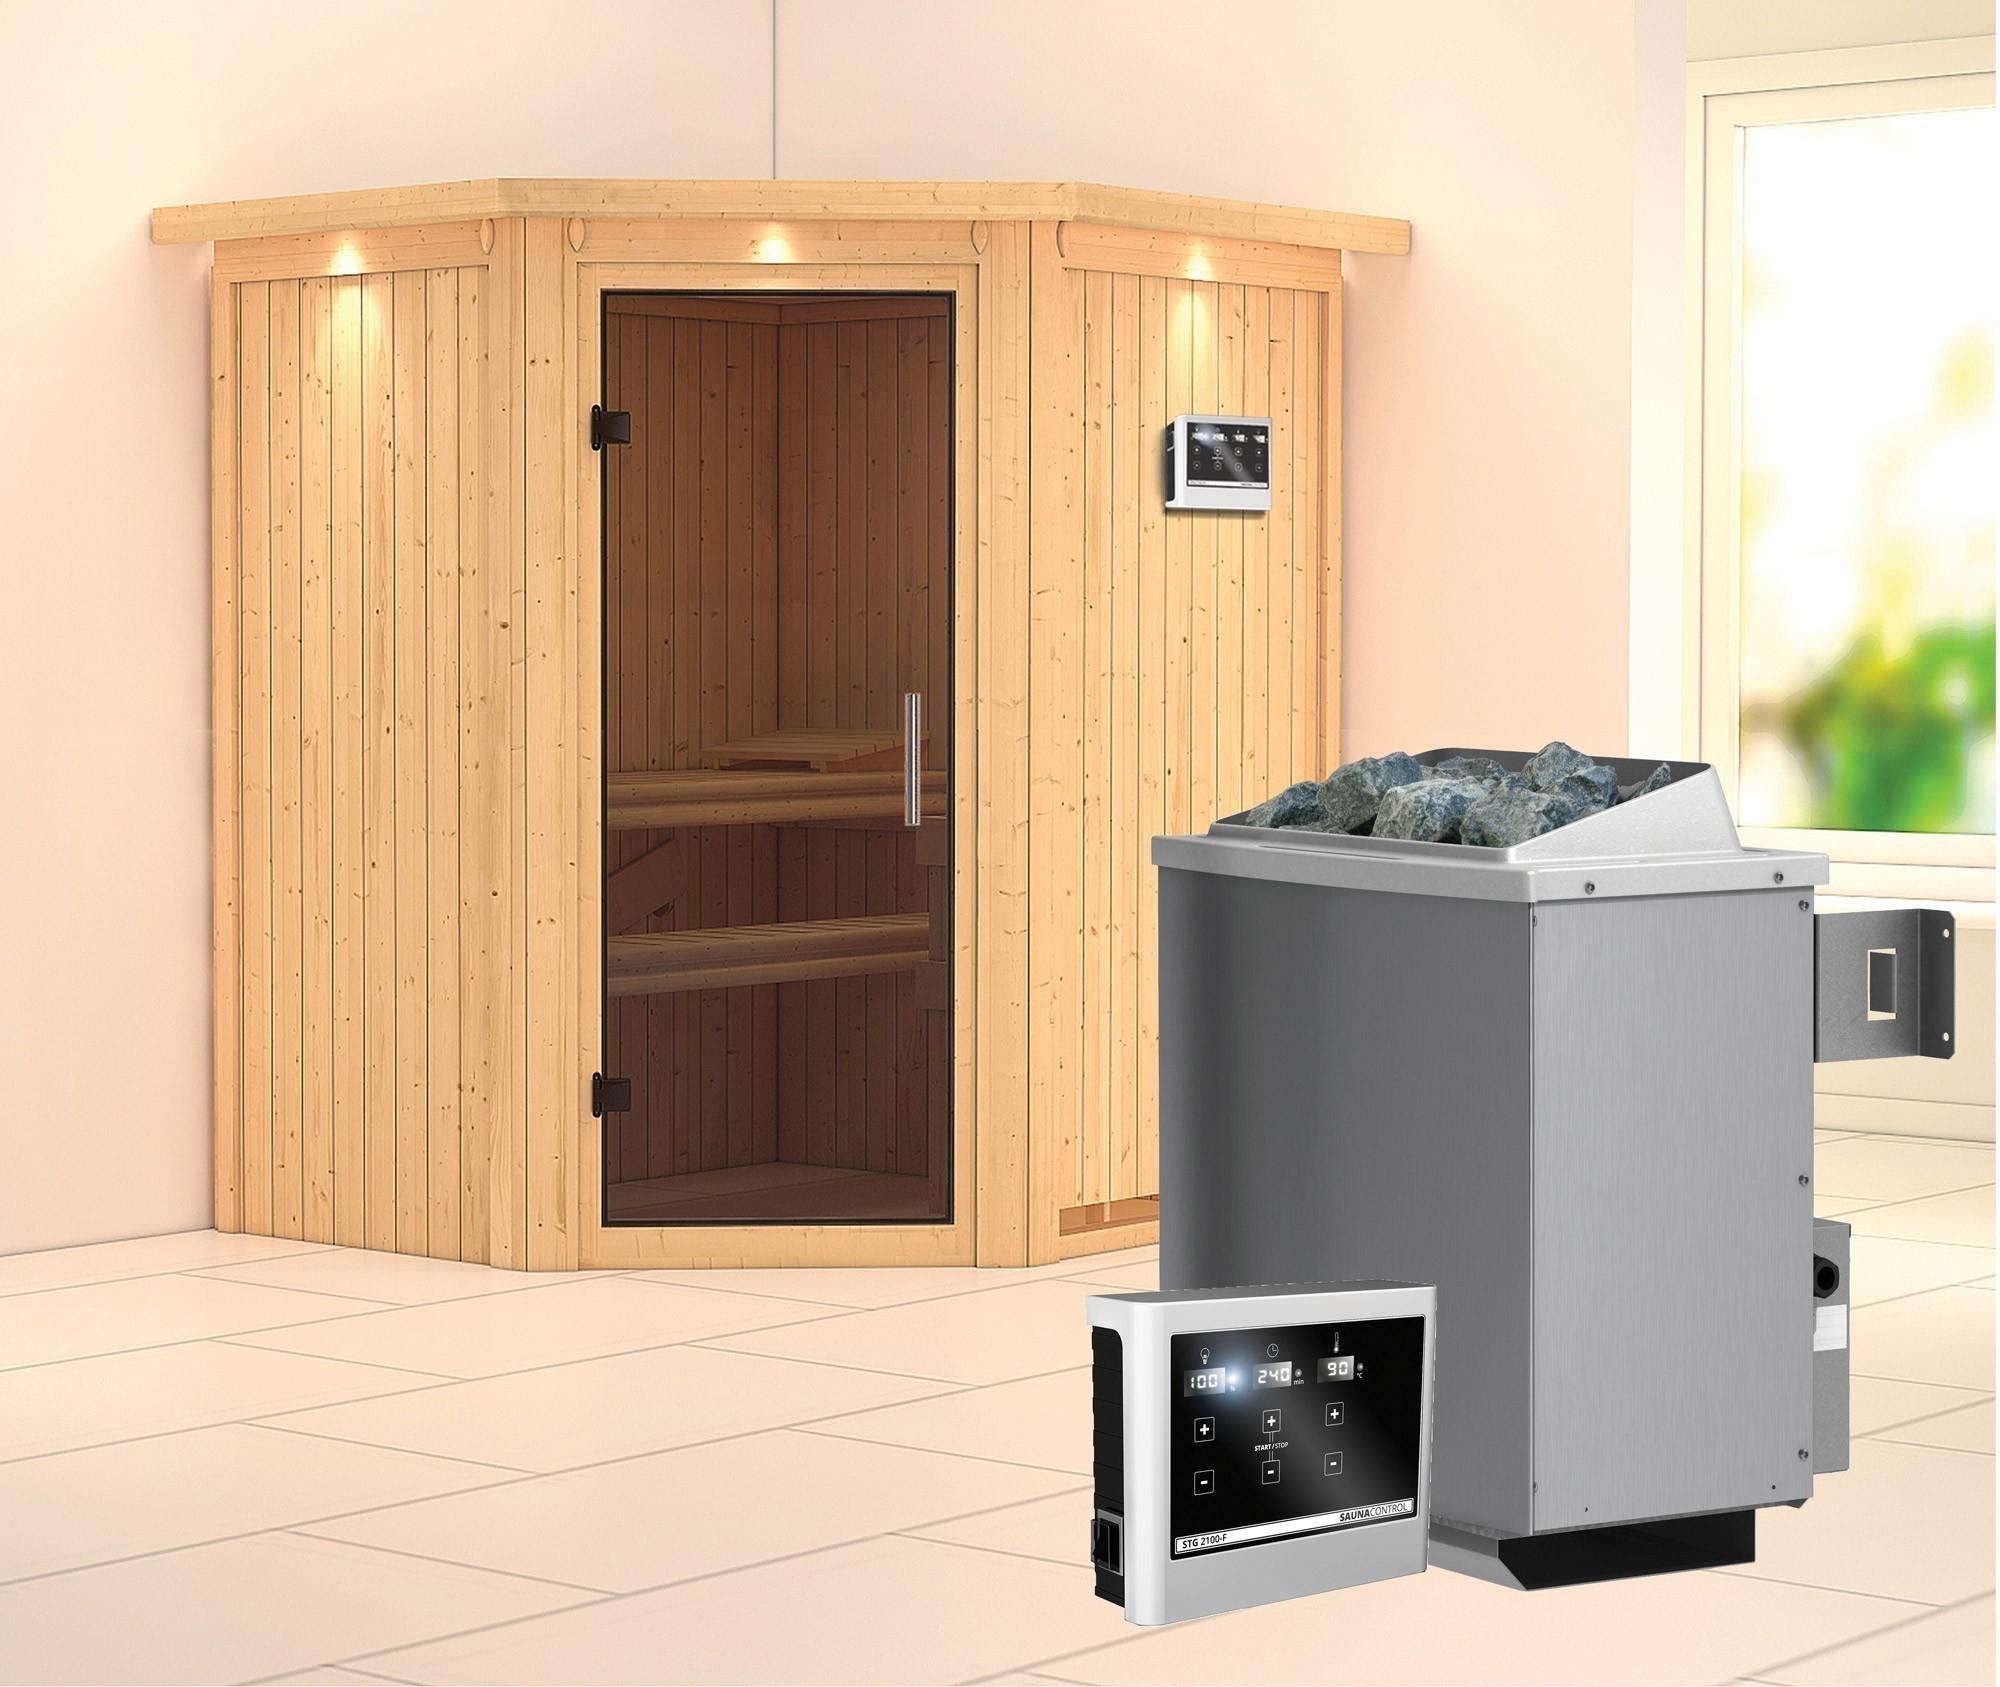 Karibu Sauna Taurin 68mm Dachkranz Saunaofen 9kW extern moderne Tür Bild 1